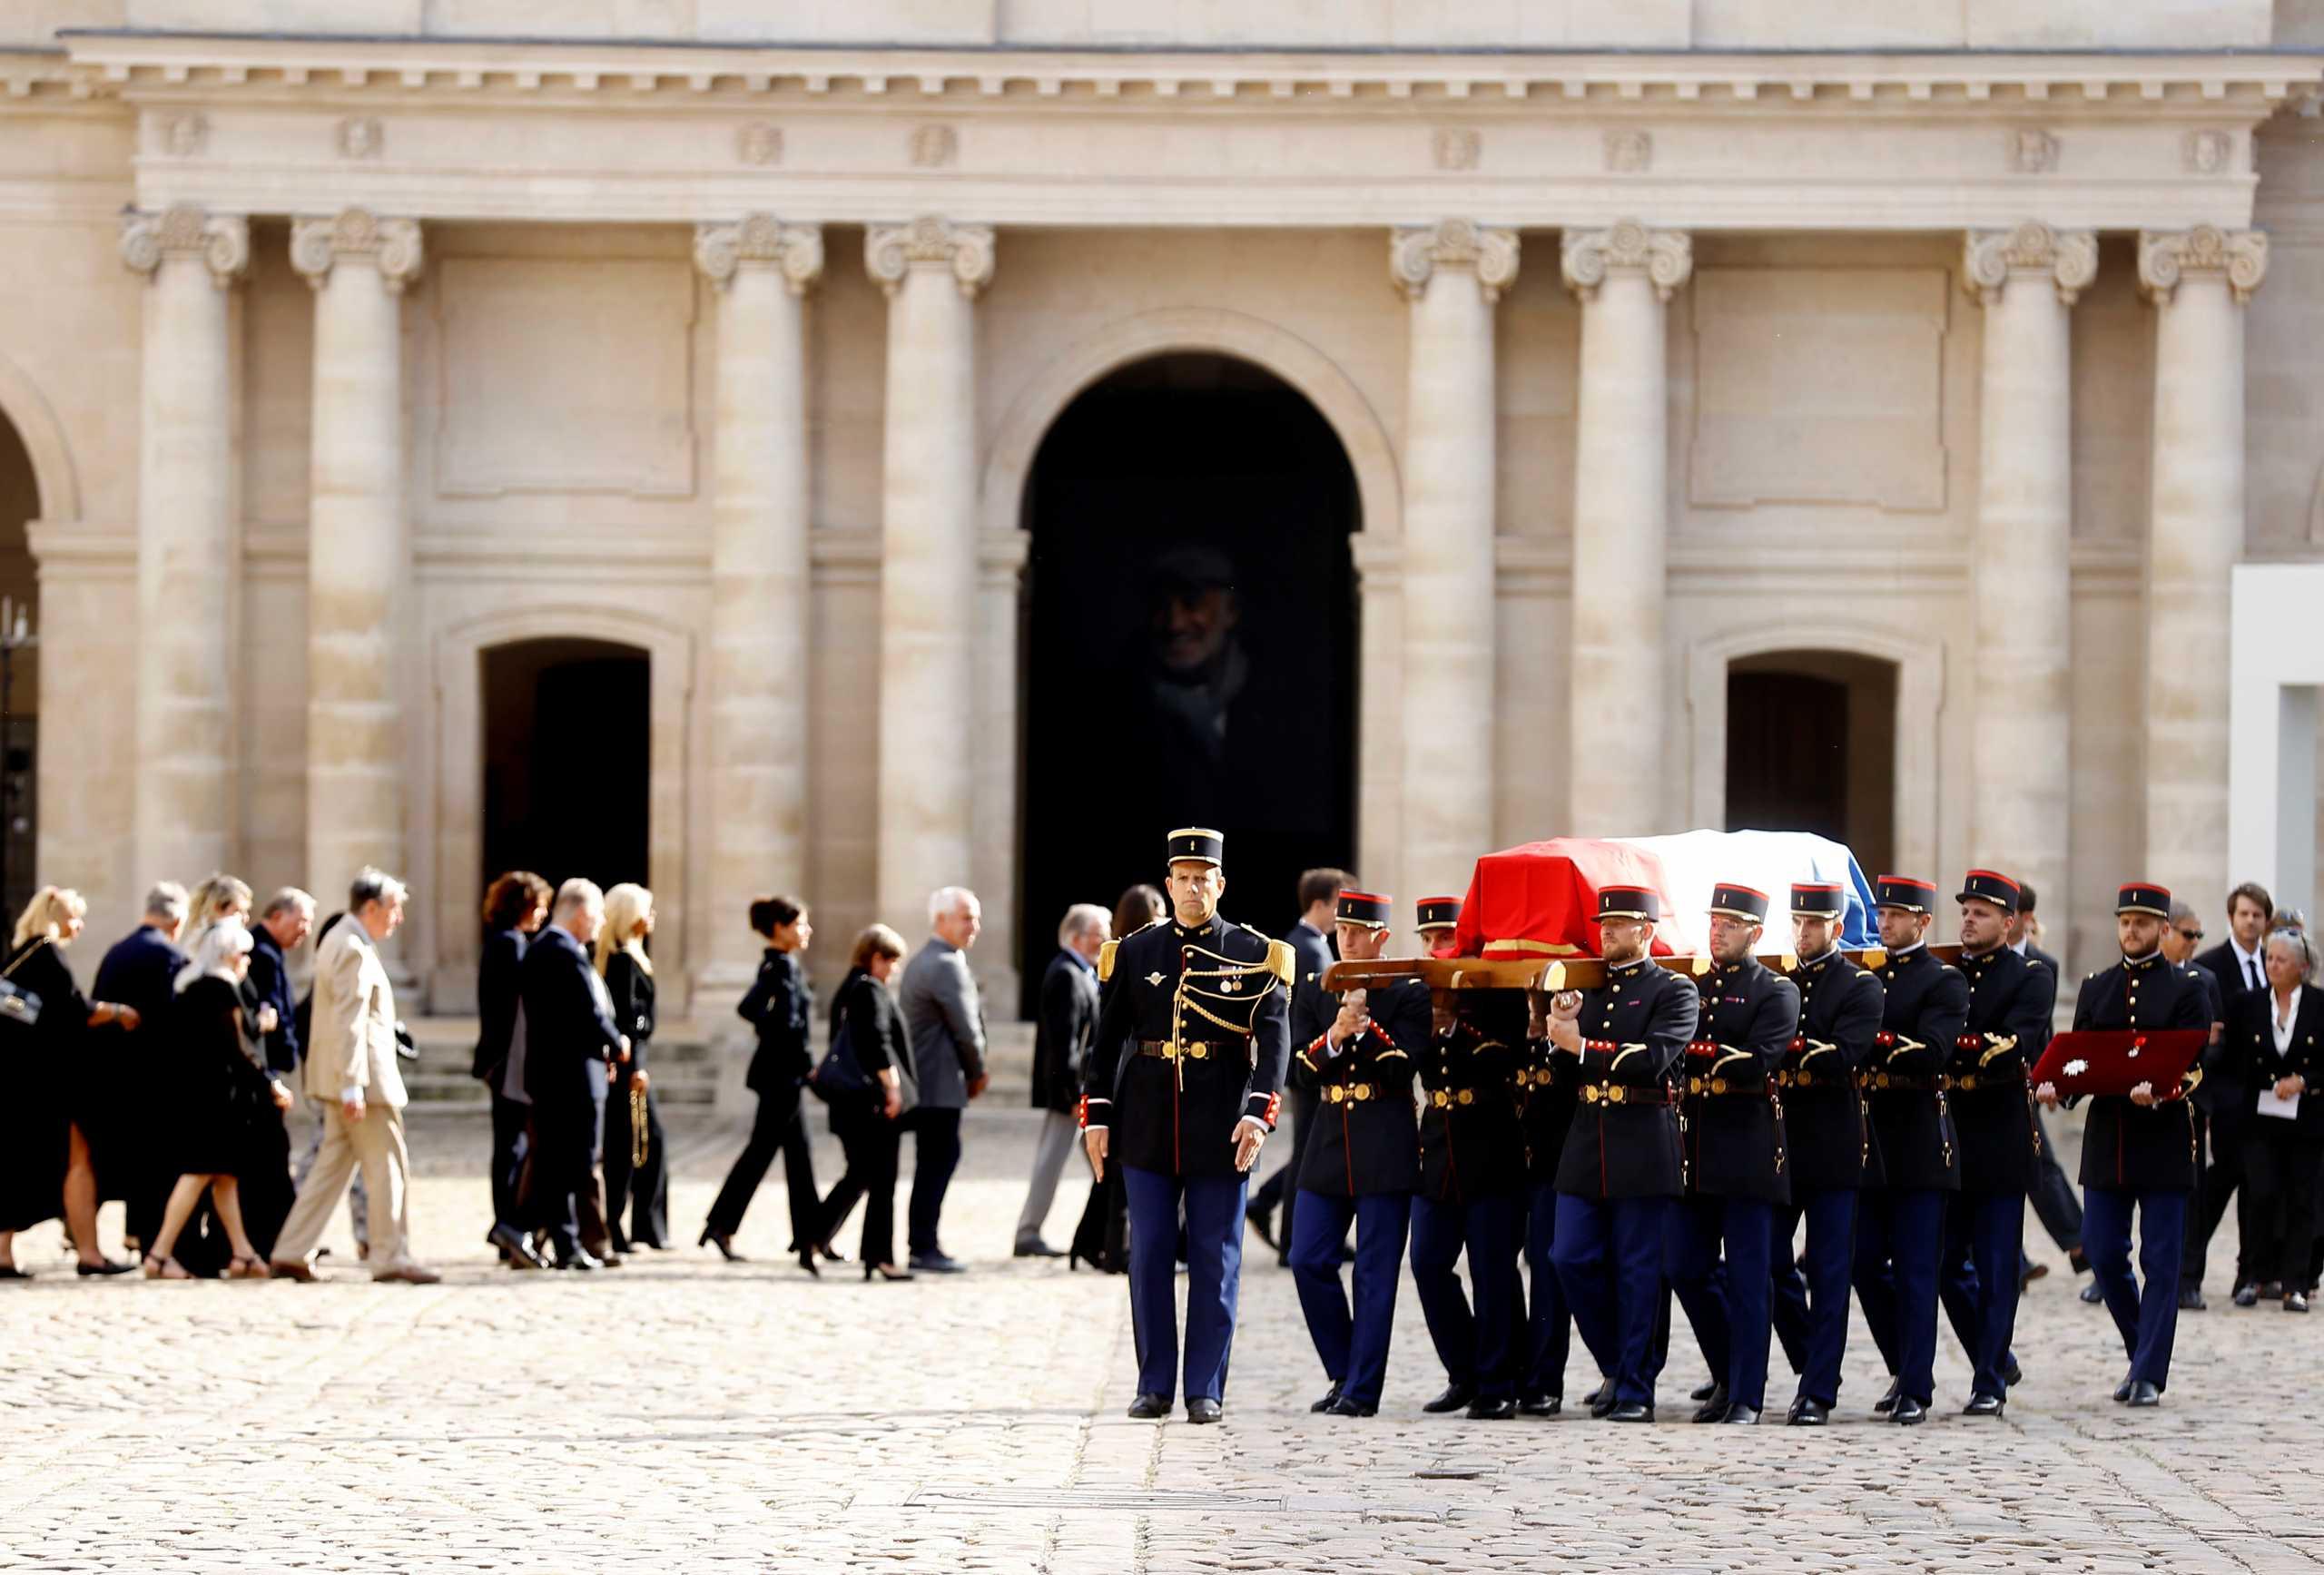 Ζαν Πολ Μπελμοντό: Η Γαλλία αποχαιρετά τον αγαπημένο της «Μπεμπέλ»